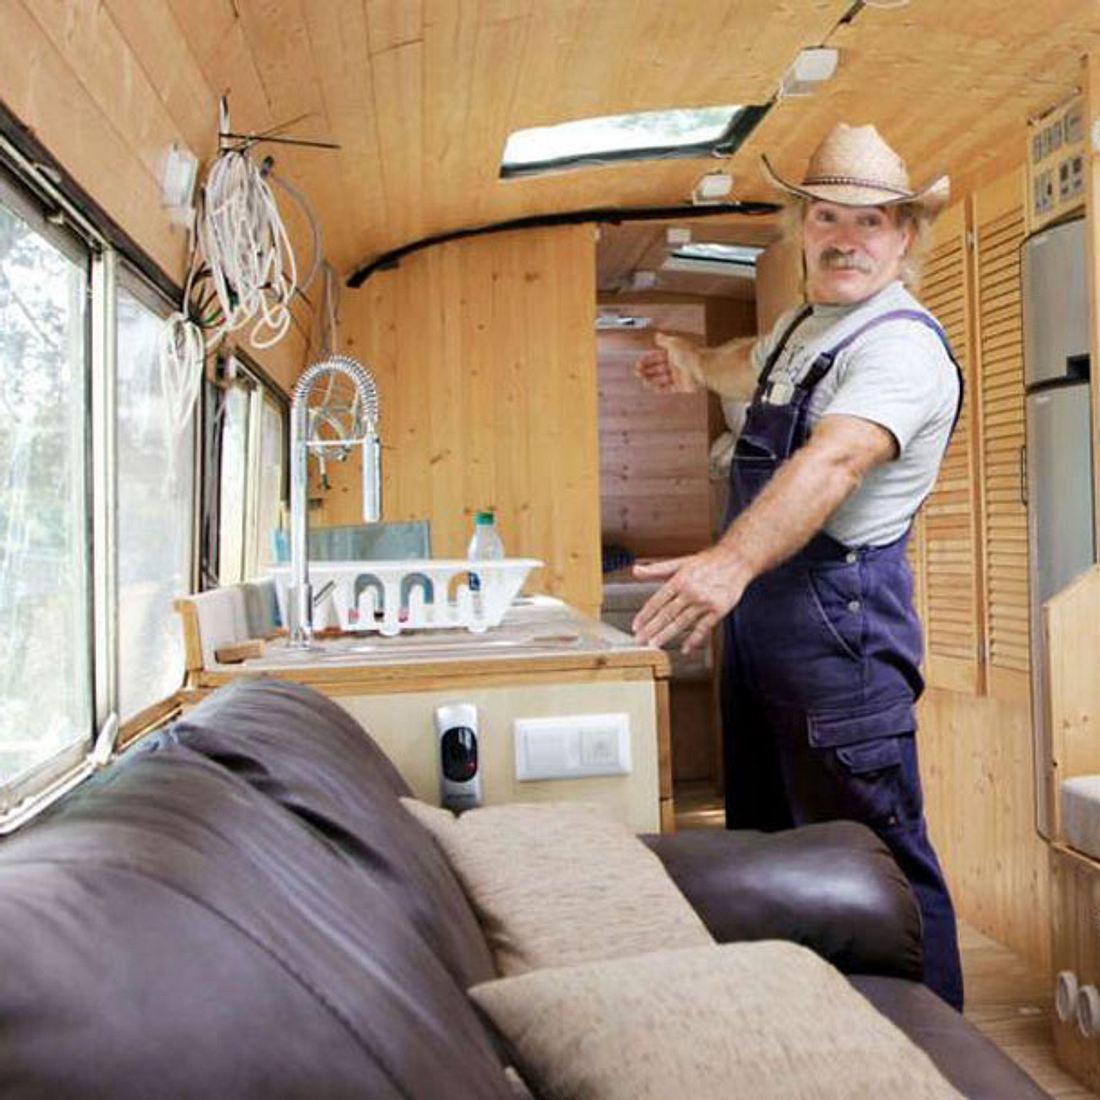 Konny Reimann im ausgebauten Bus